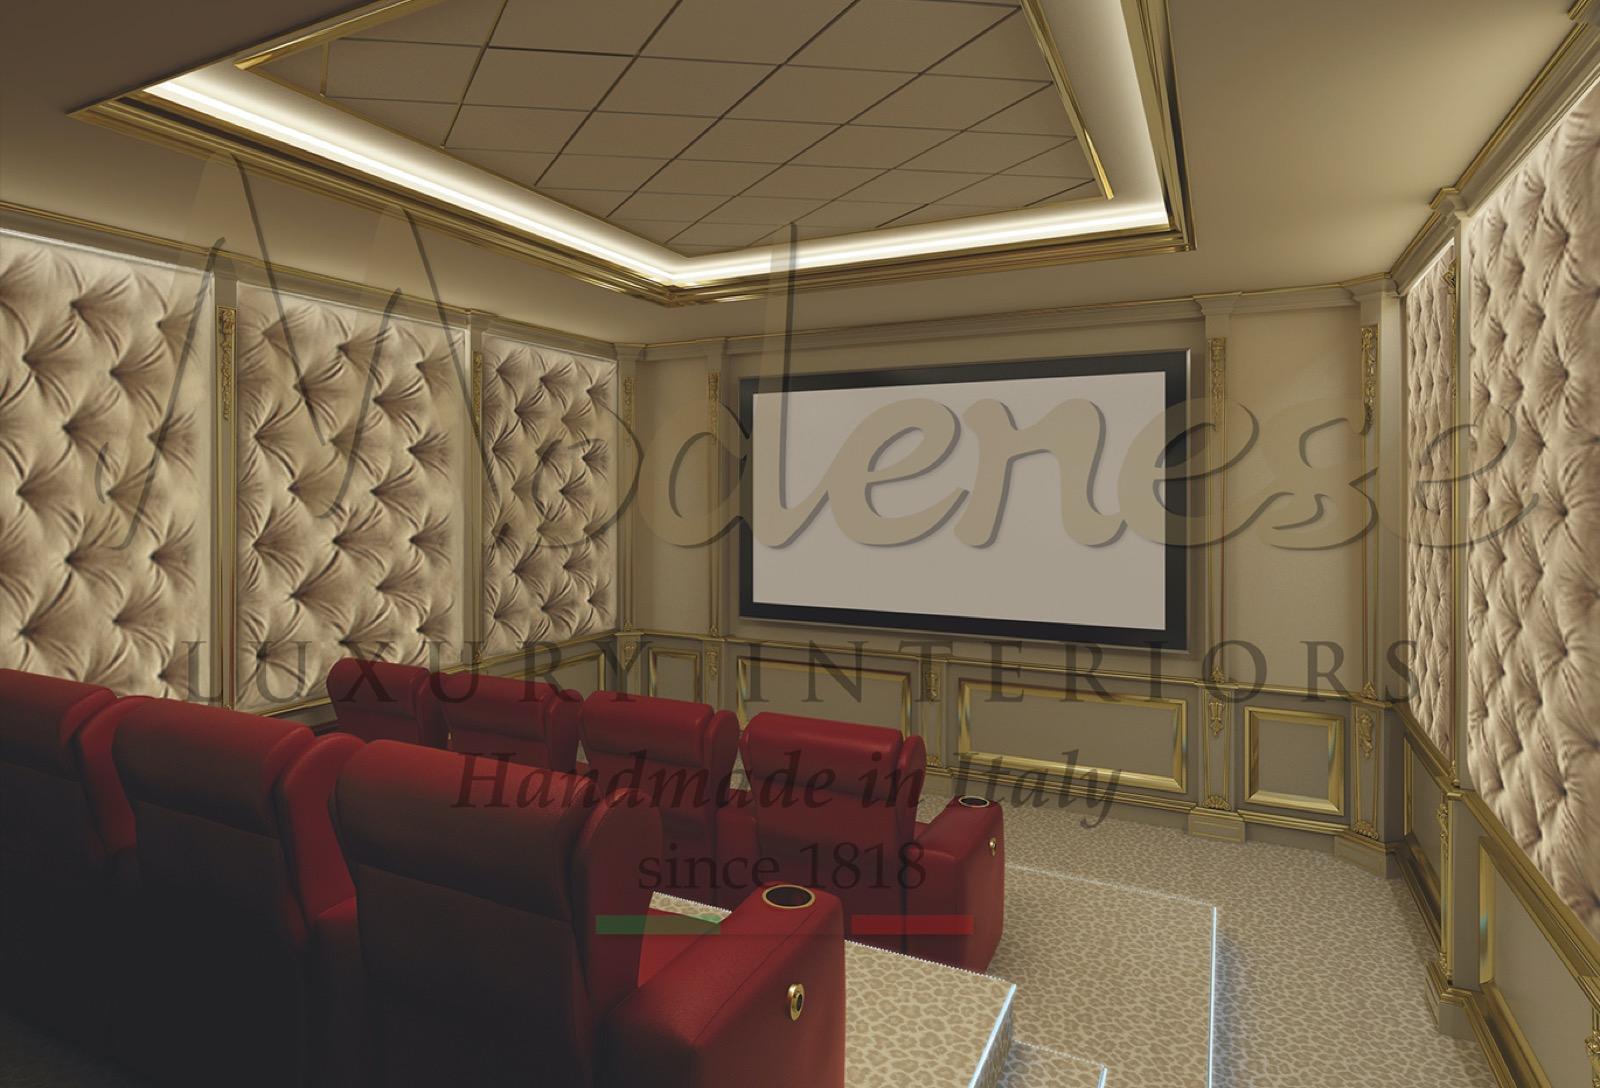 роскошный домашний кинотеатр вилла проект развлекательное пространство диван кресло мебель на заказ Турция решения дизайна интерьера 3D HD экран звуковая система материалы премиум-класса обивка